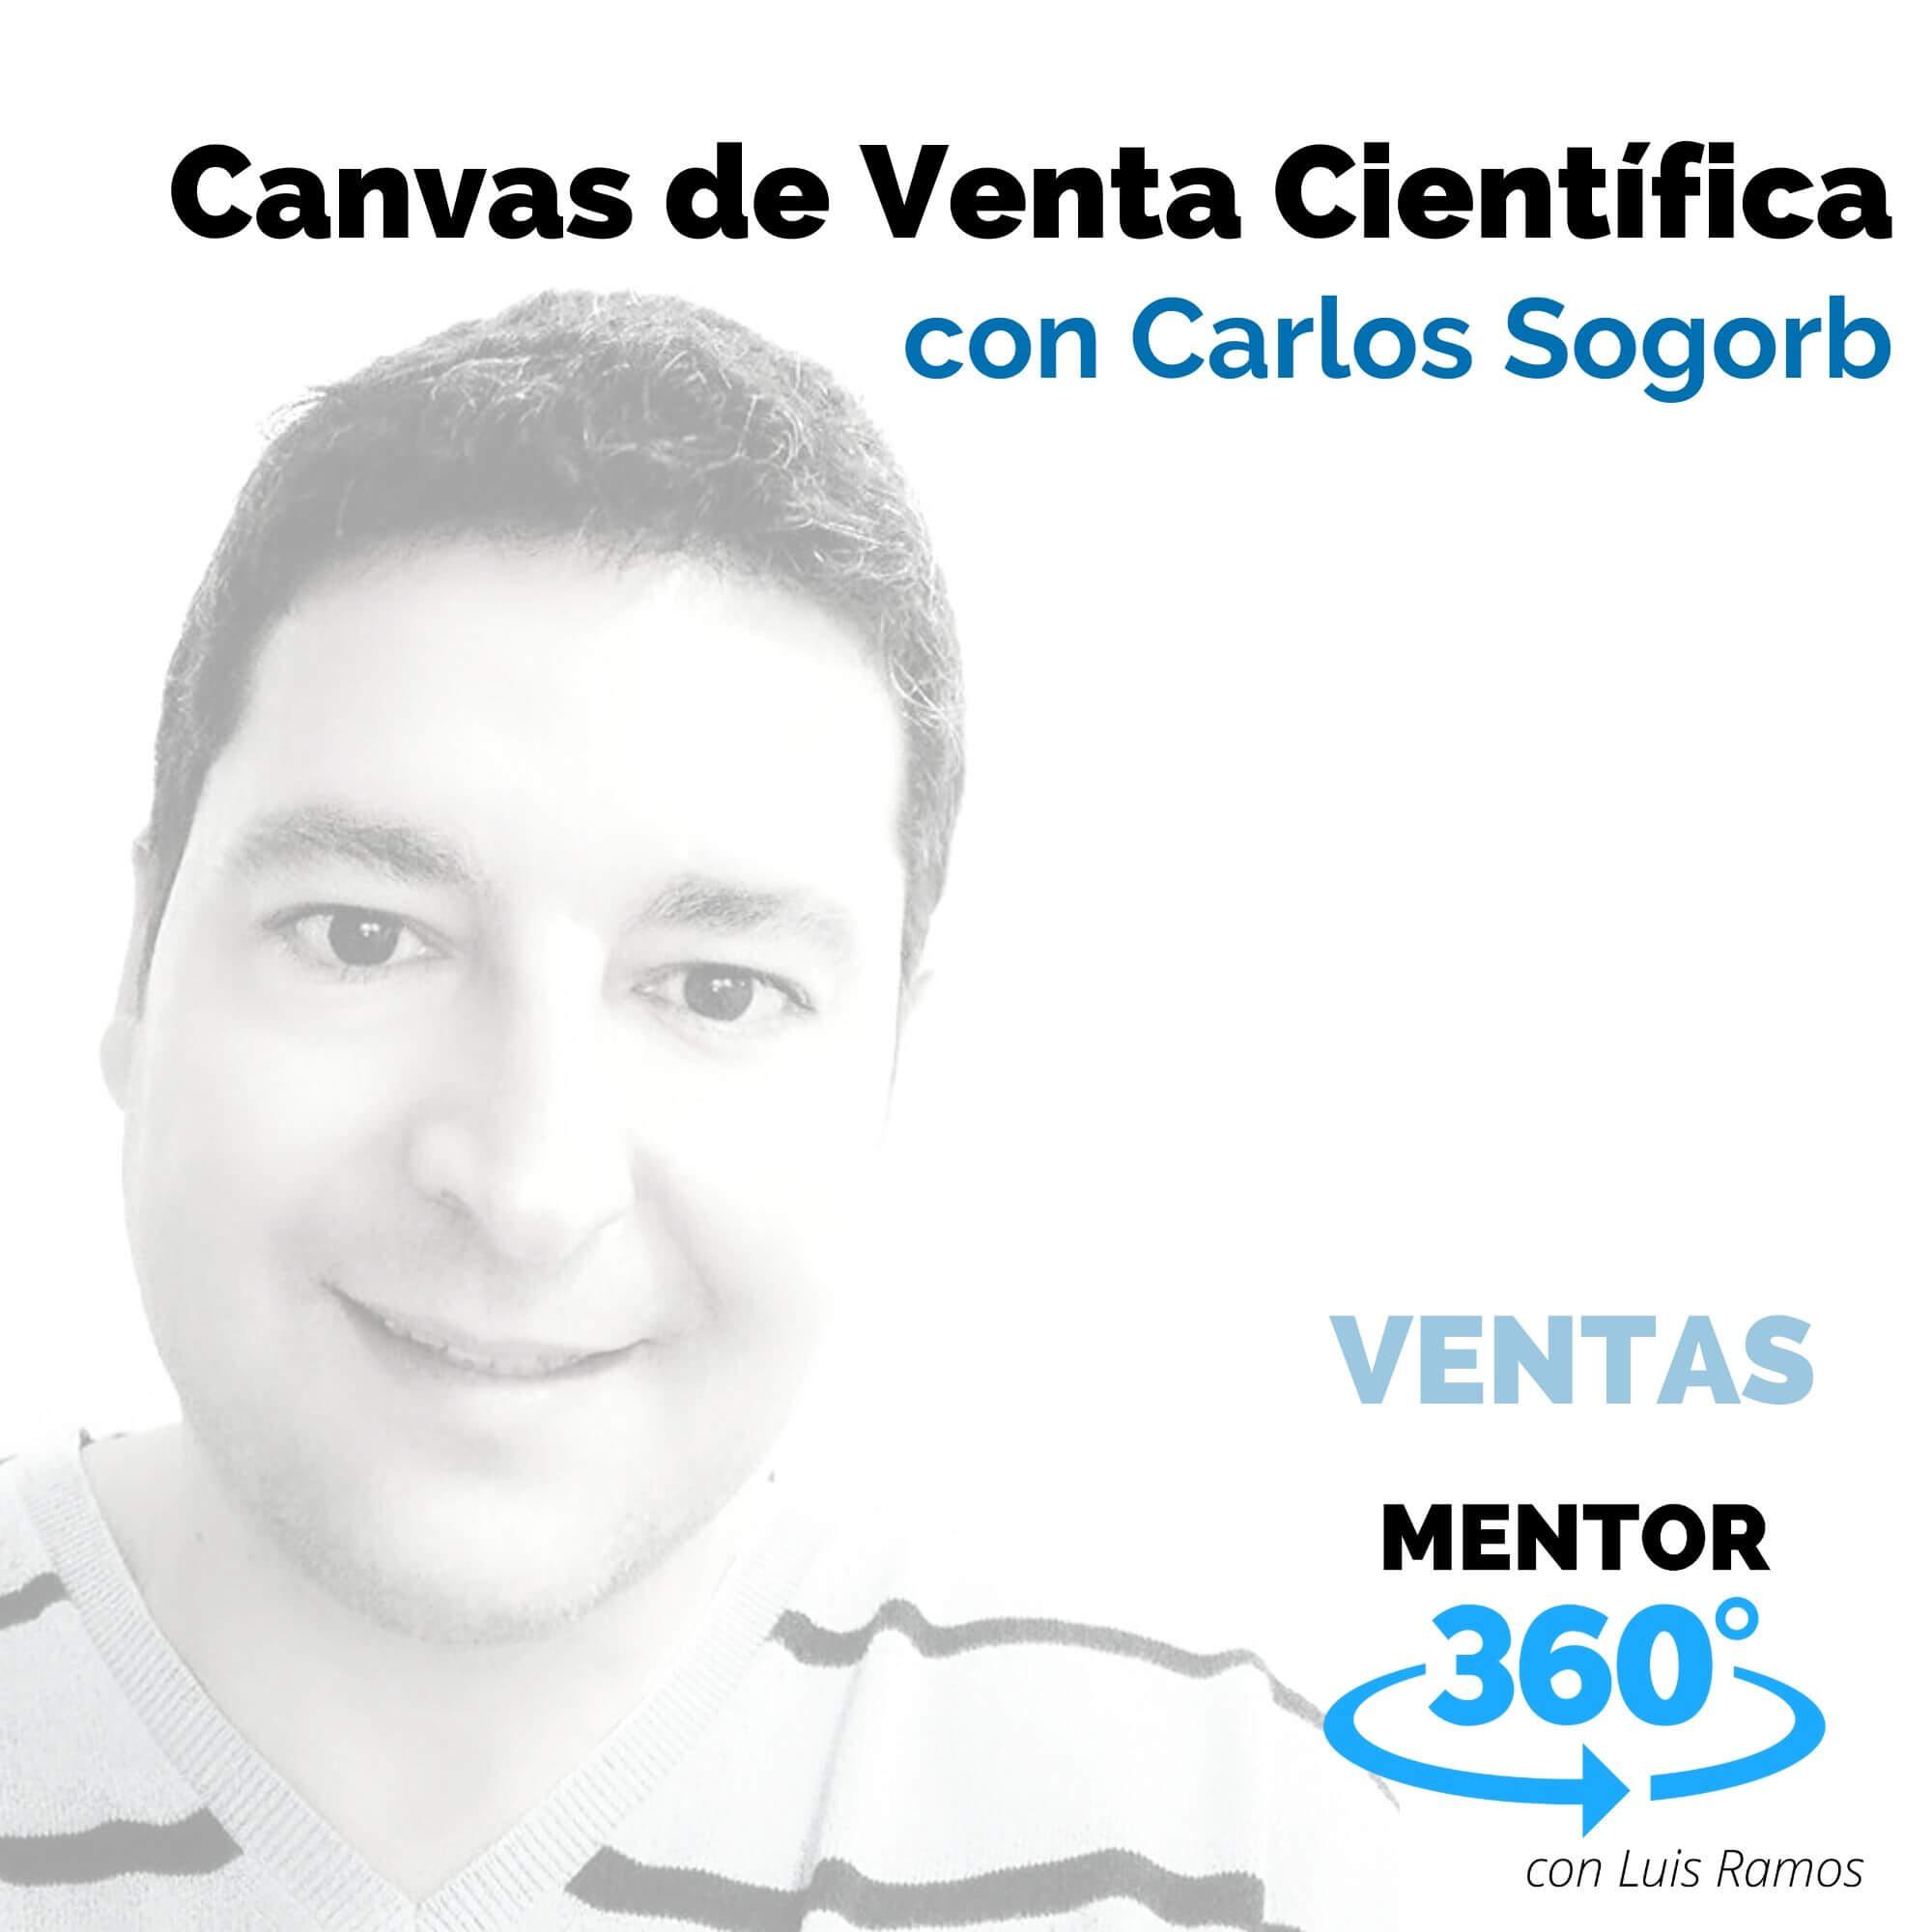 Canvas de Venta Científica, Con Carlos Sogorb - VENTAS